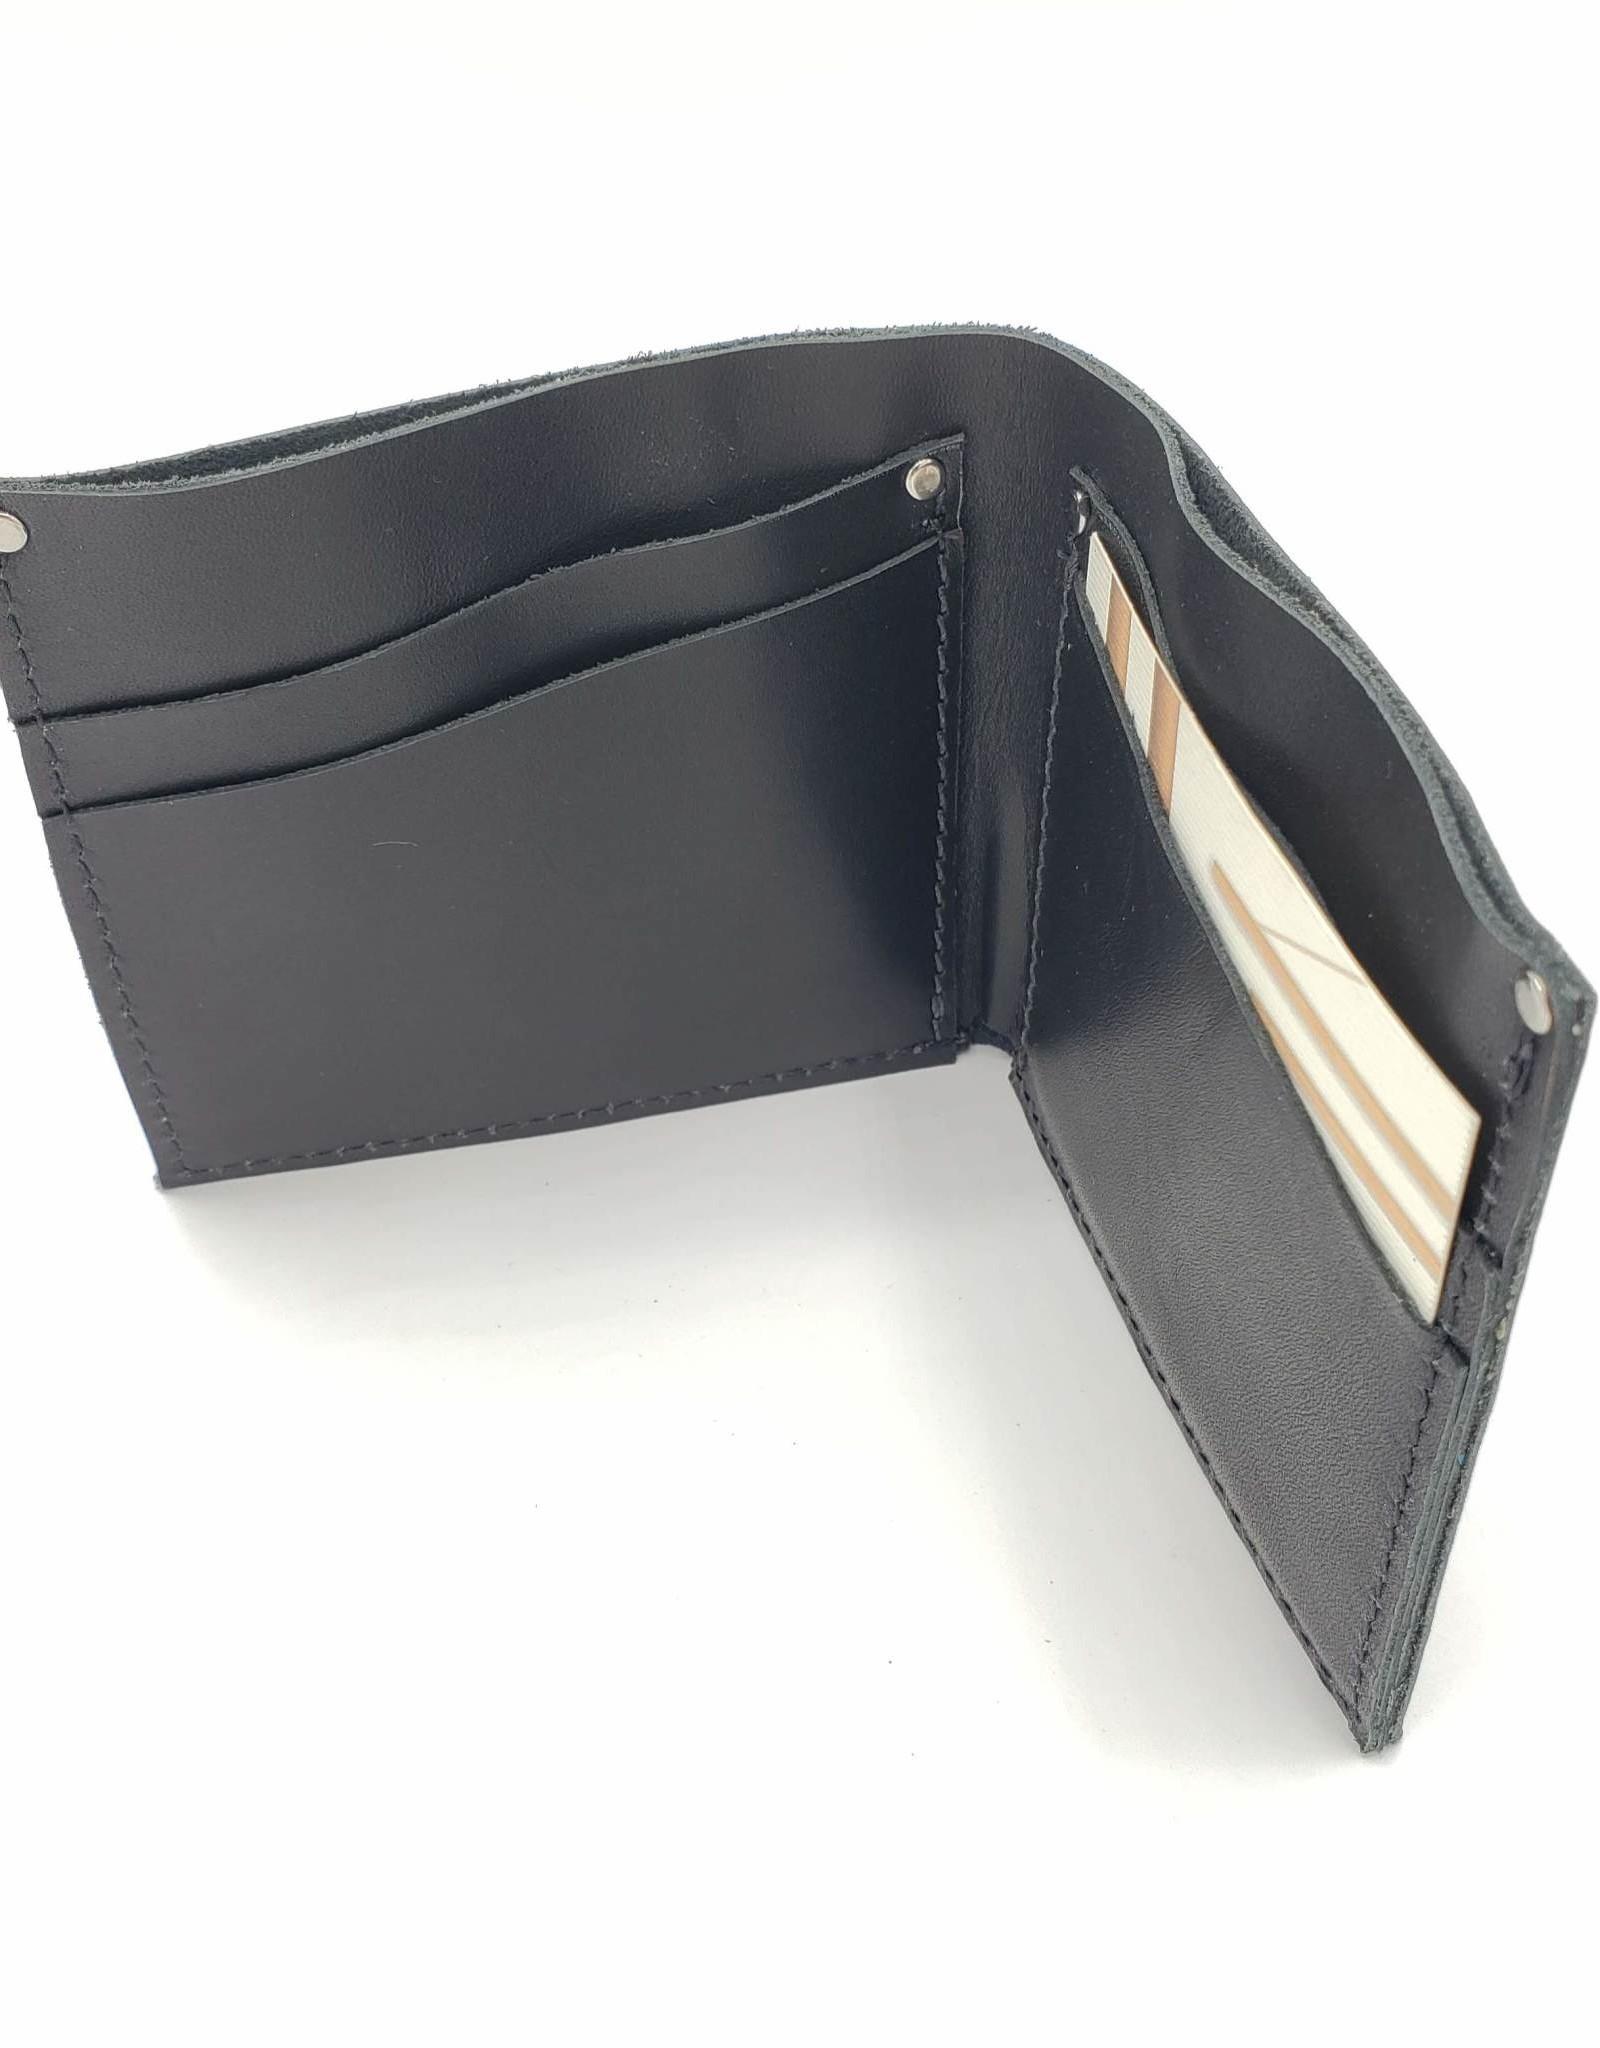 Leather Half Fold Wallet by Greybeard